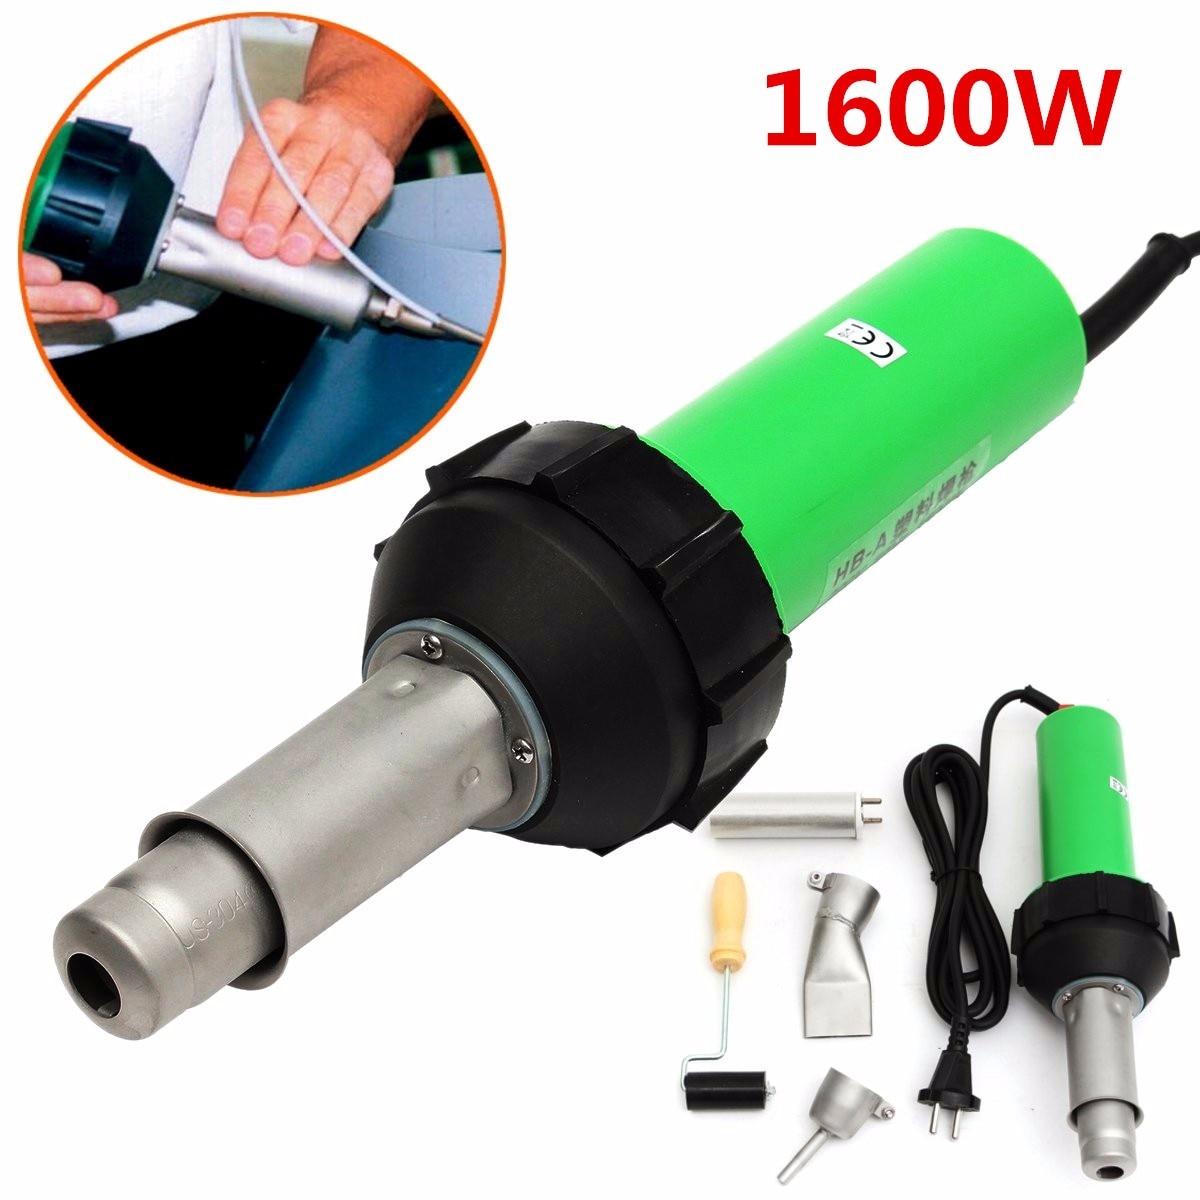 220 V 1600 W 50Hz Électronique Chaleur Chaude Air Torche En Plastique De Soudage Soudeur Torche + Buse + Rouleau de Pression 3000 Pa